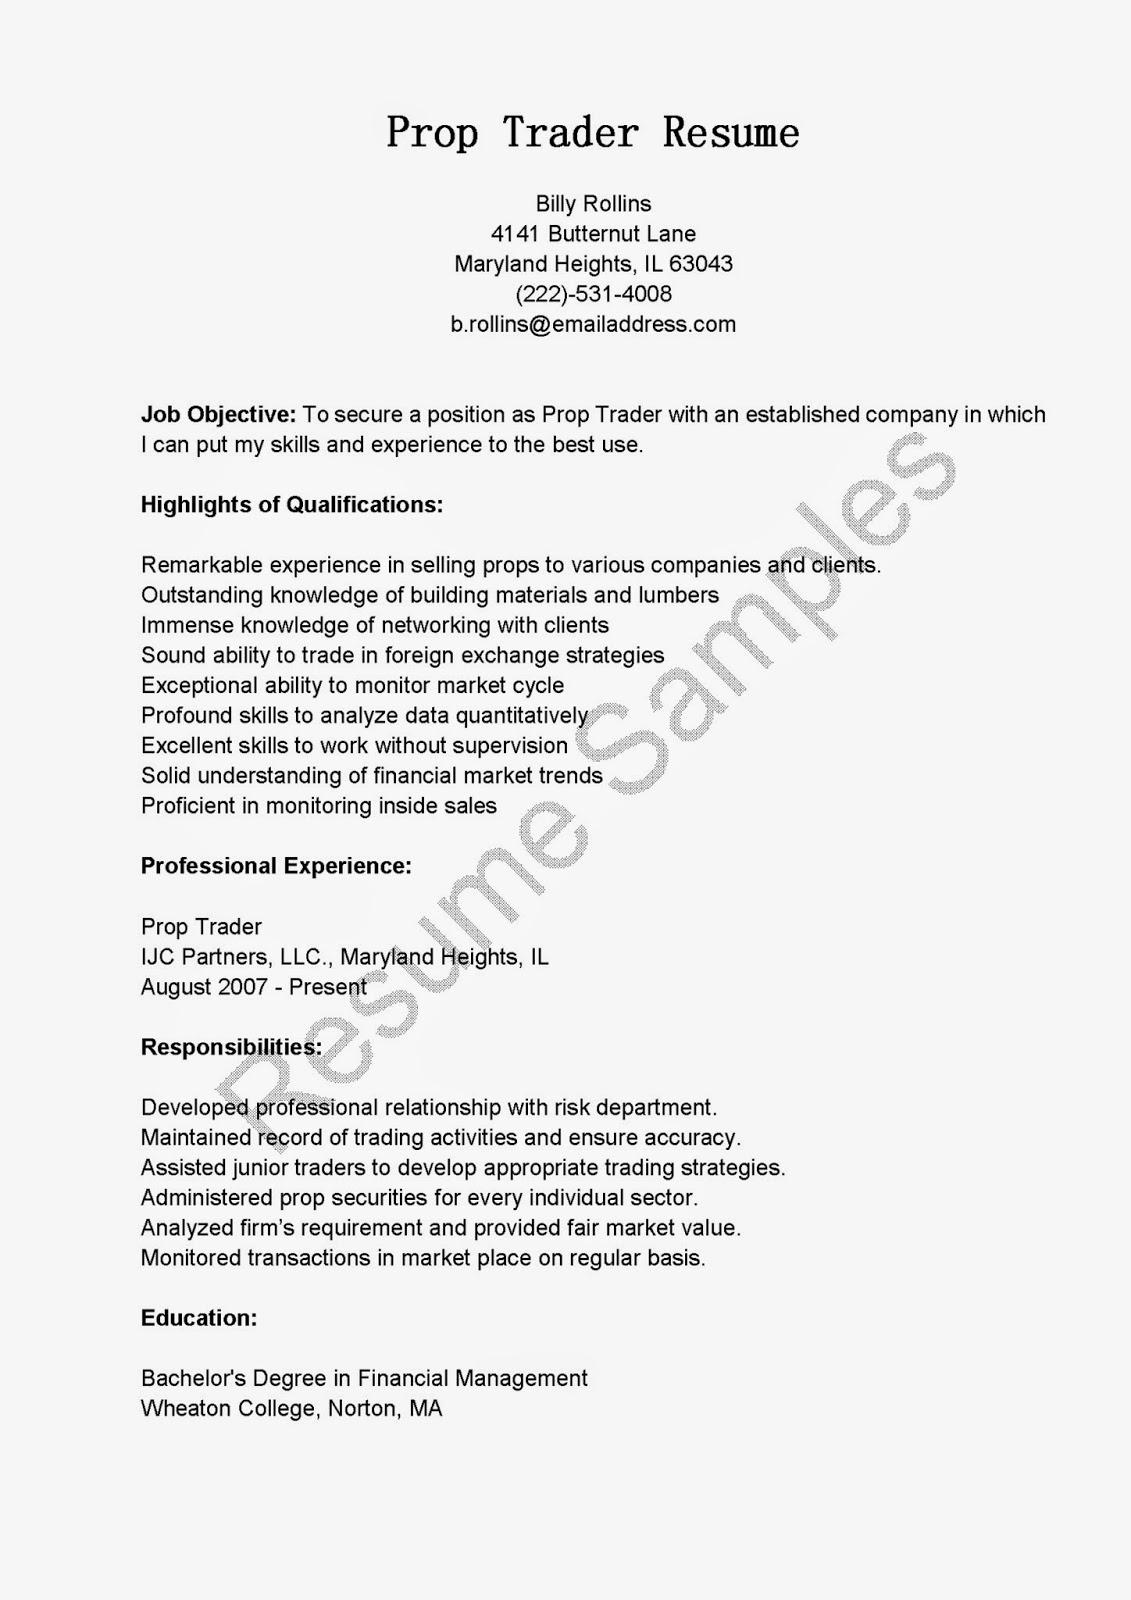 resume samples  prop trader resume sample